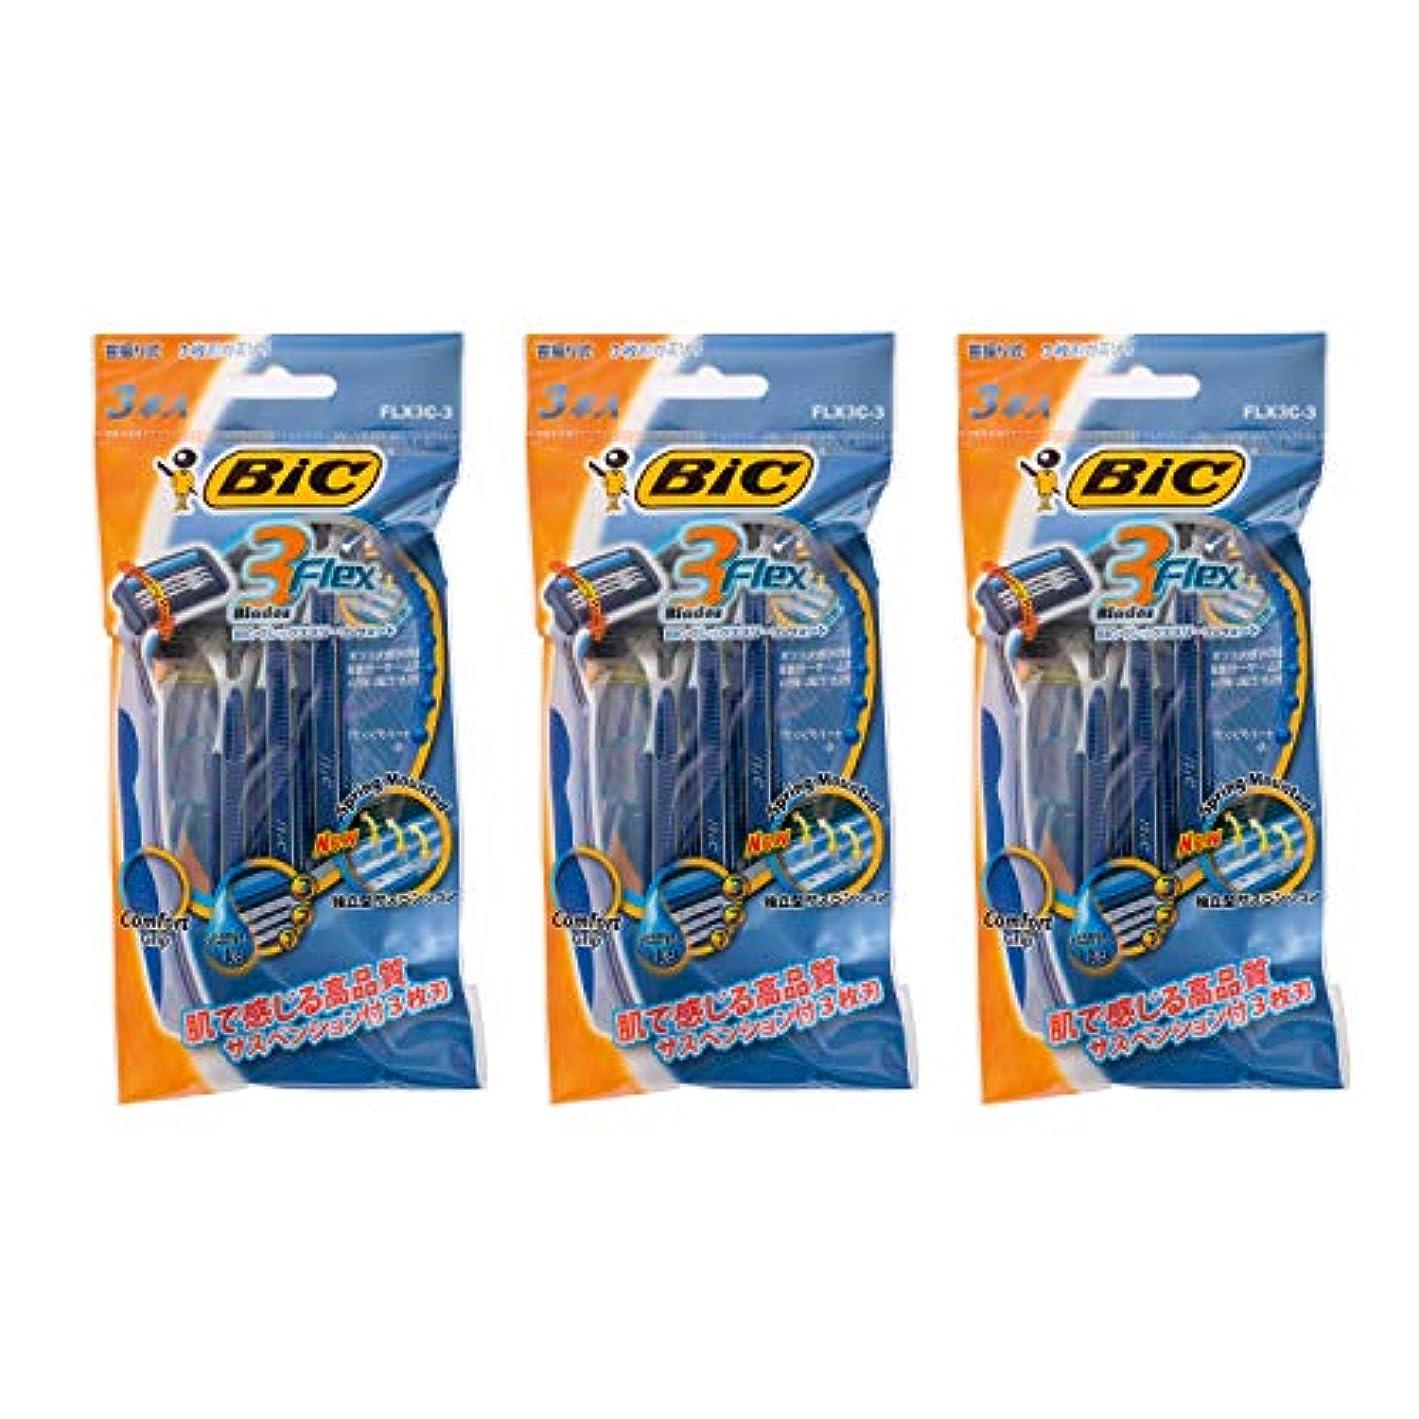 ビック BIC フレックス3 コンフォート3本入 x 3パック(9本) FLEX3 3枚刃 使い捨てカミソリ 首振り サスペンション ディスポ